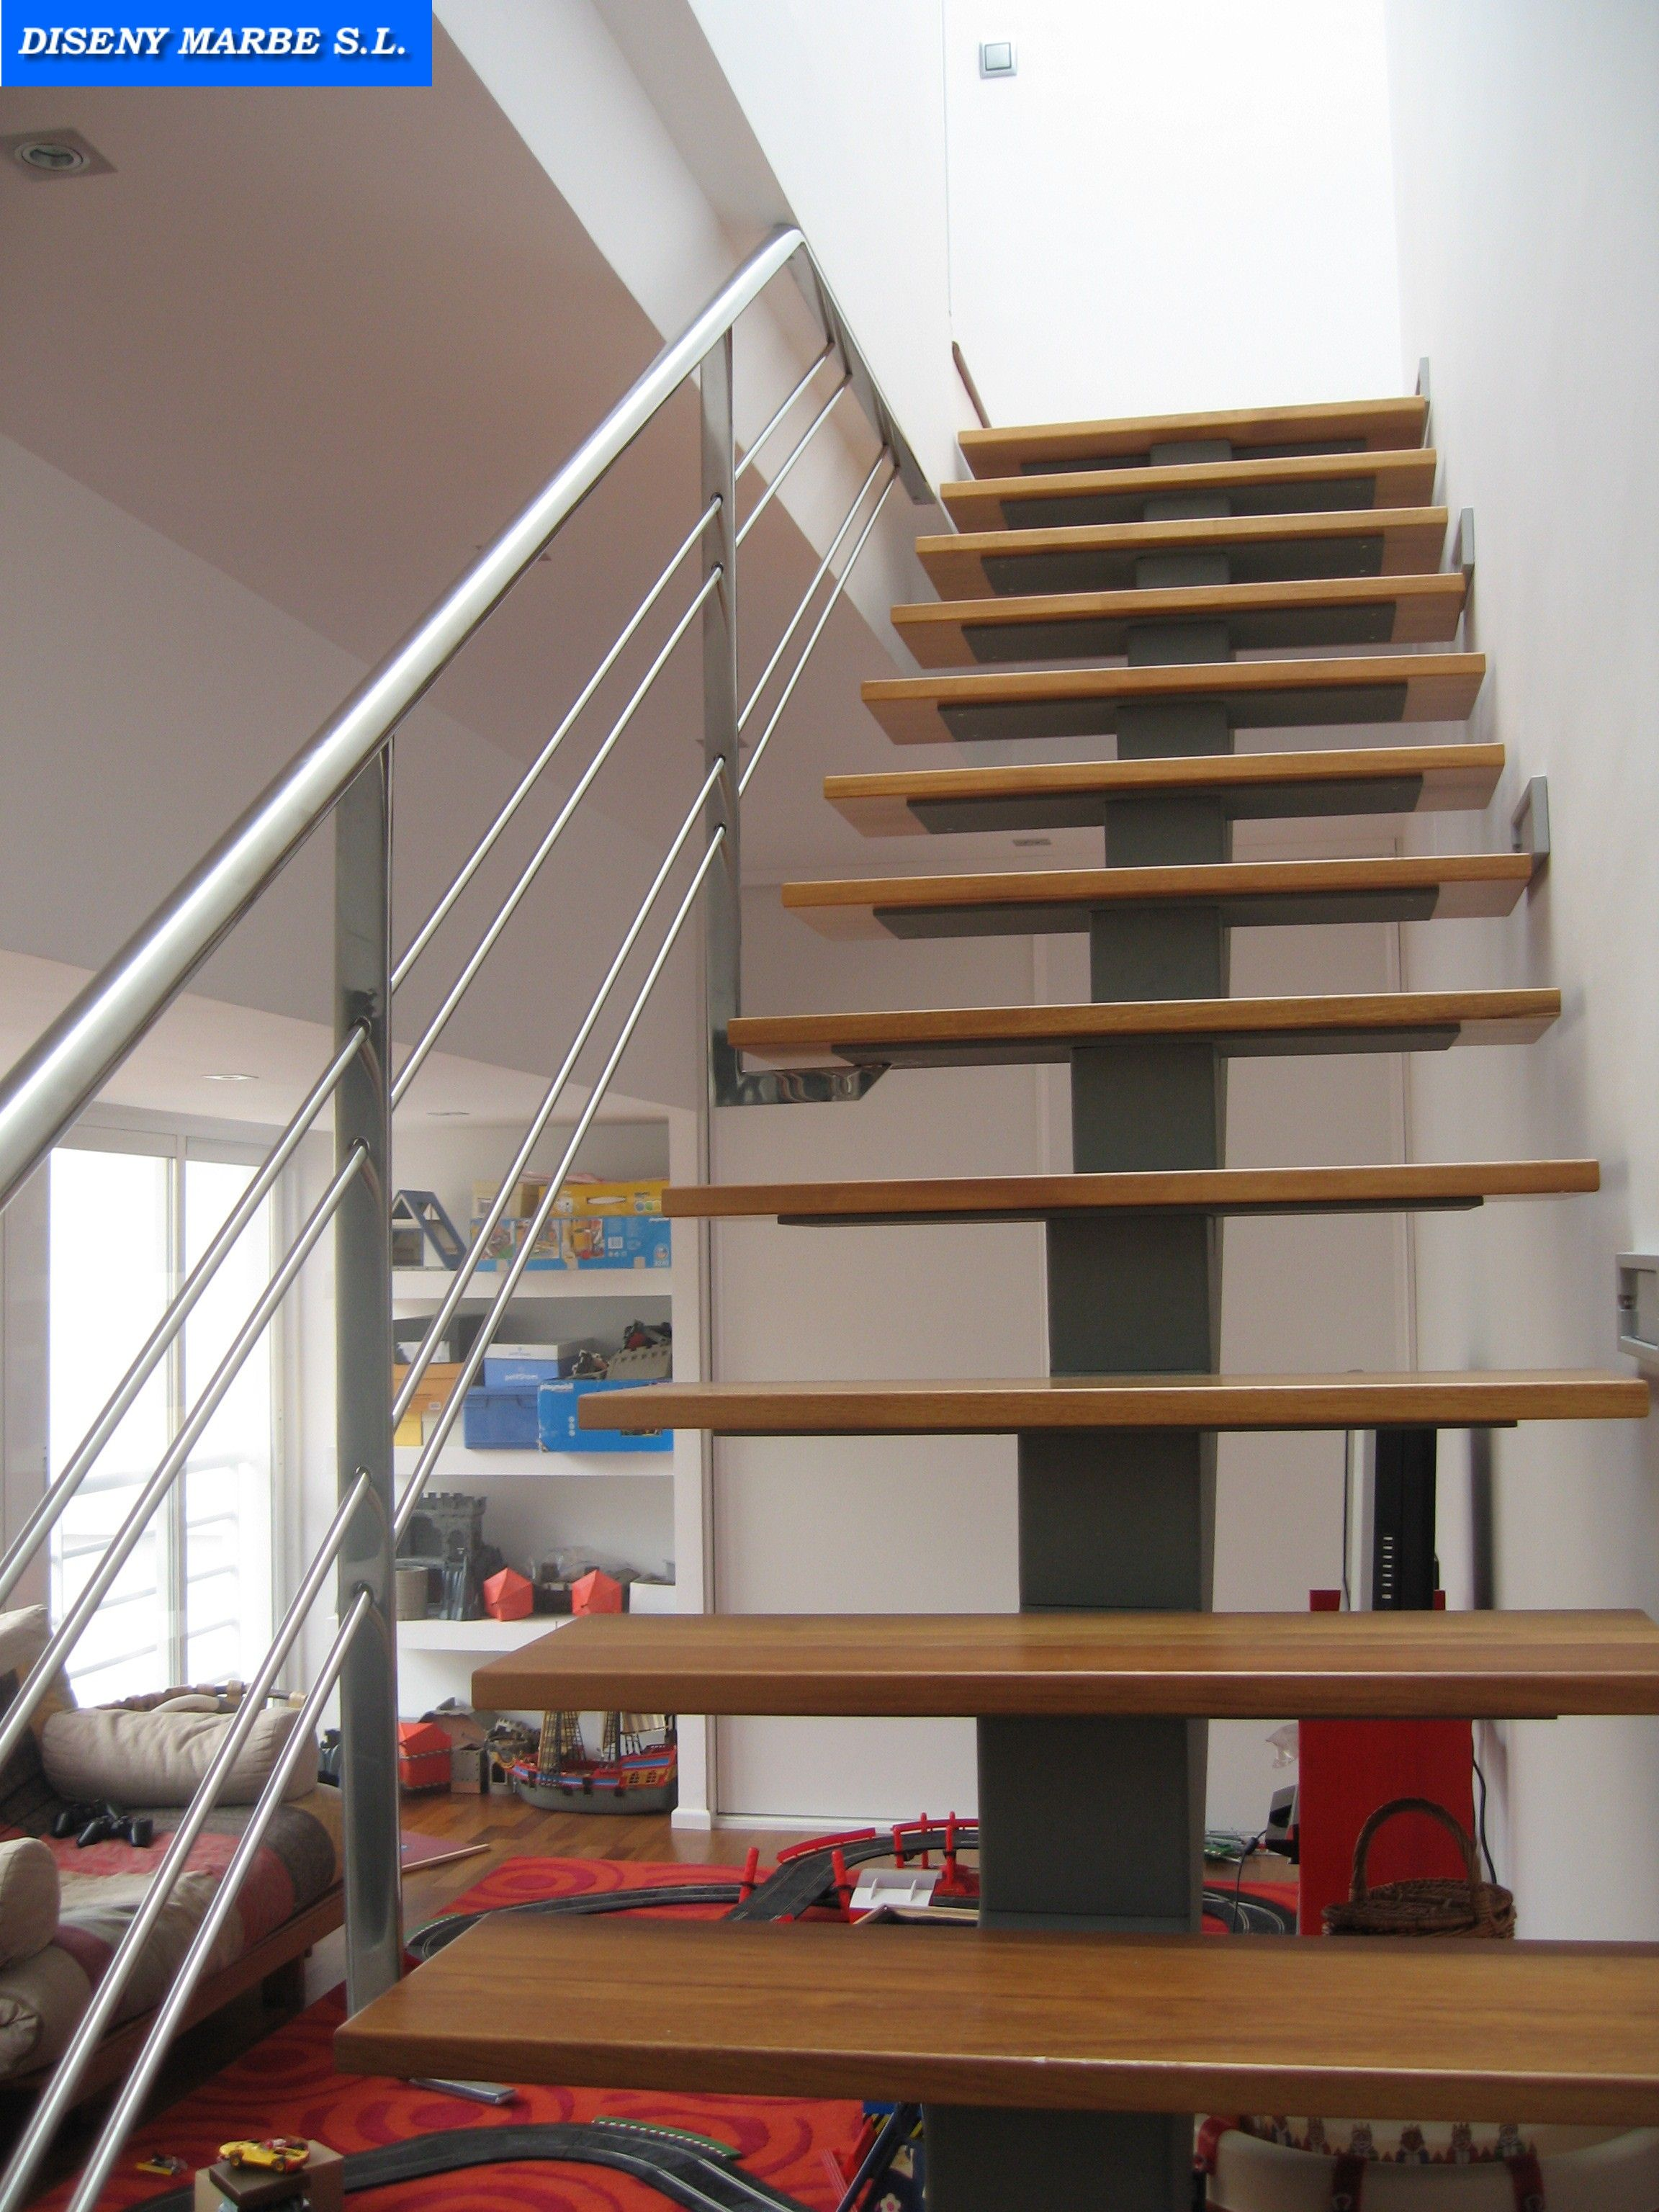 Barandilla escalera de acero inoxidable pasamano redondo - Barandillas de hierro ...